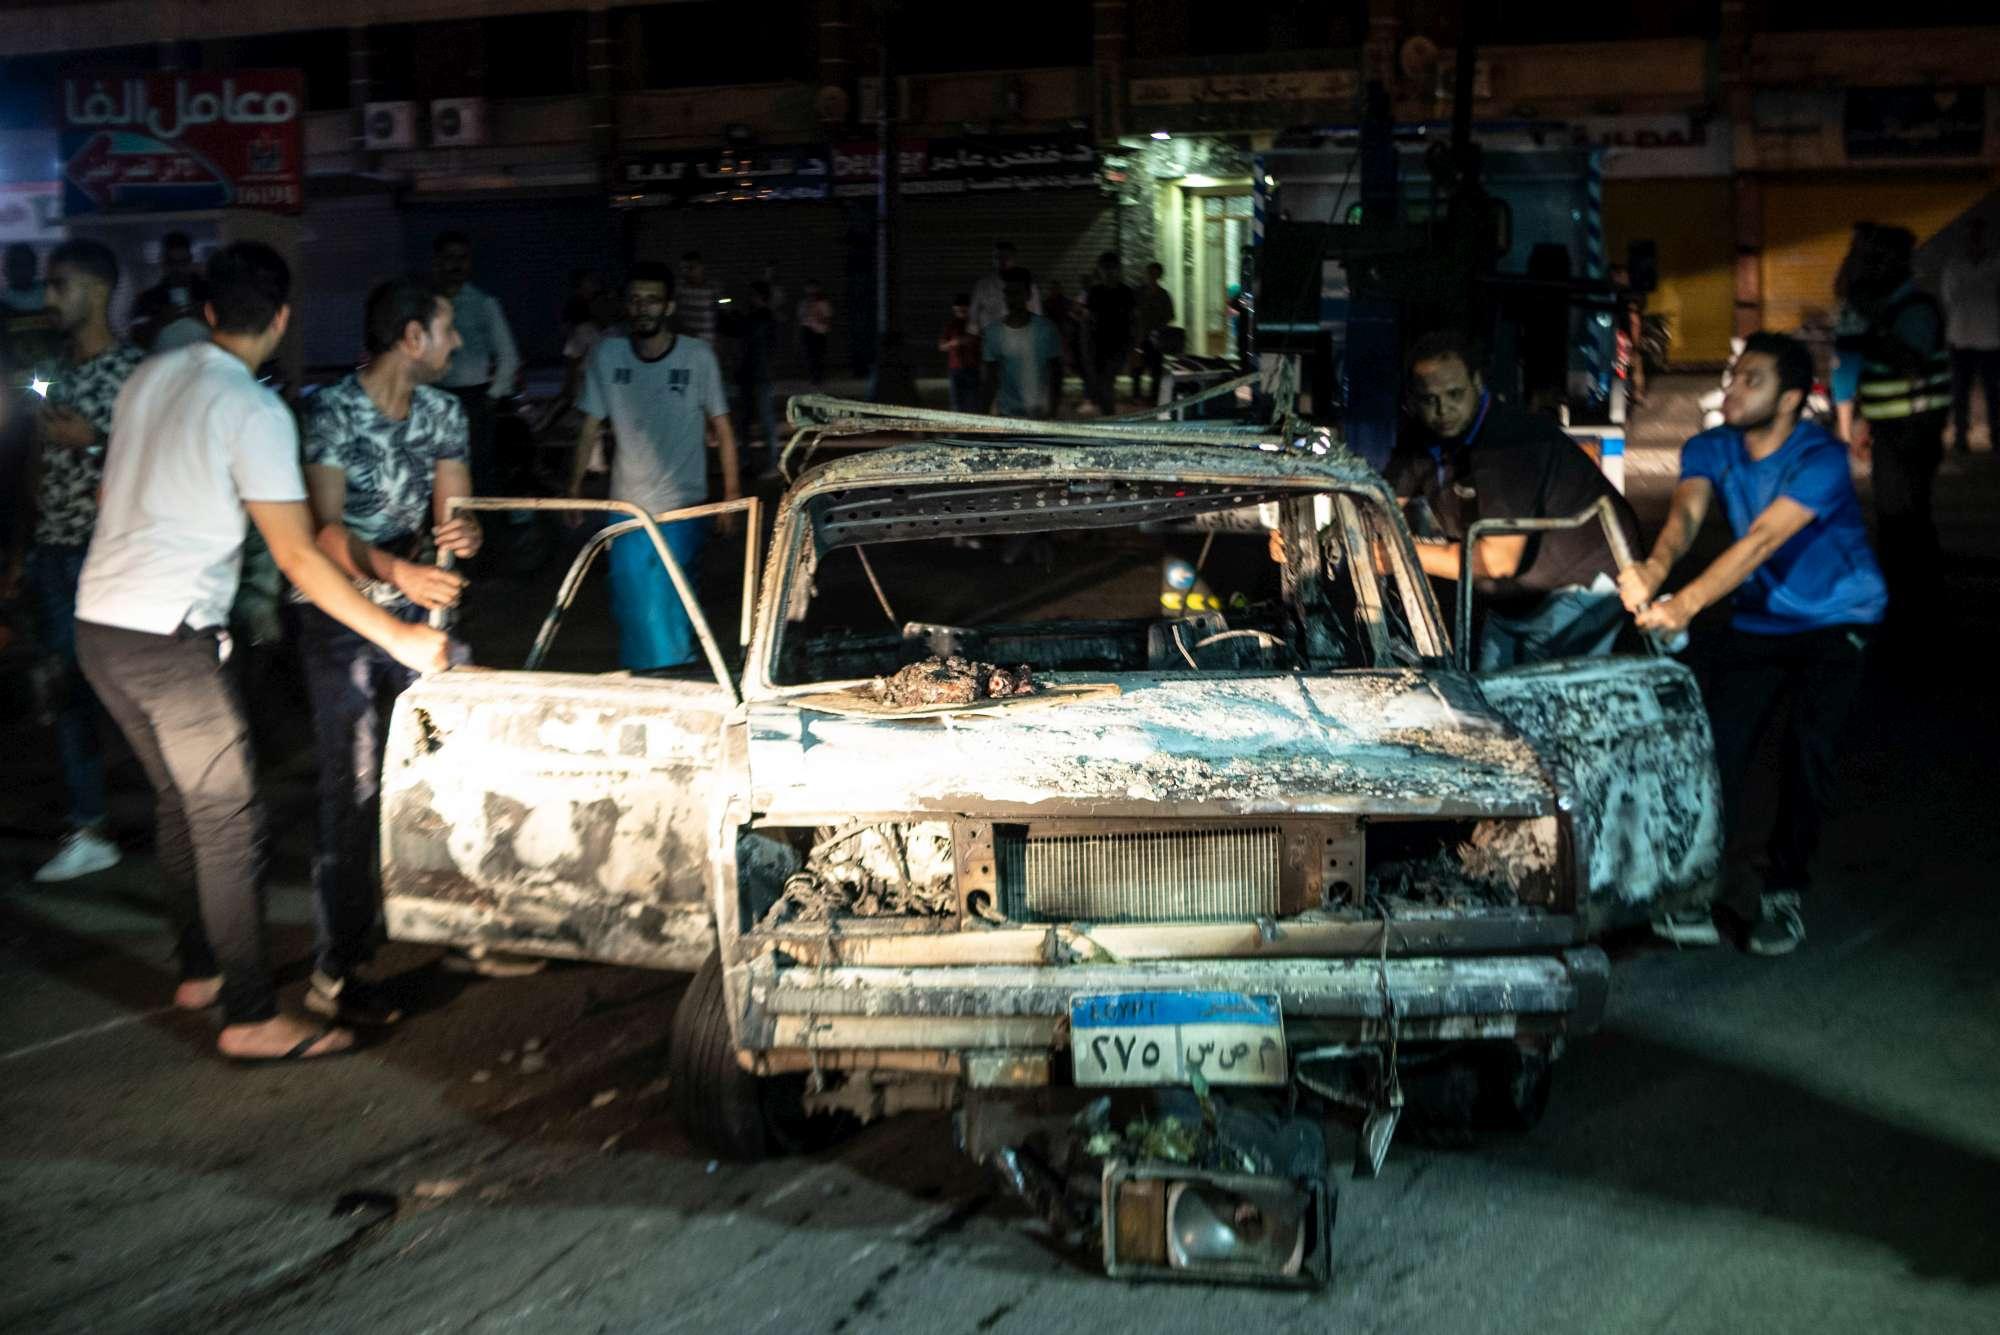 Egitto: auto provoca esplosione in ospedale al Cairo, almeno 17 morti